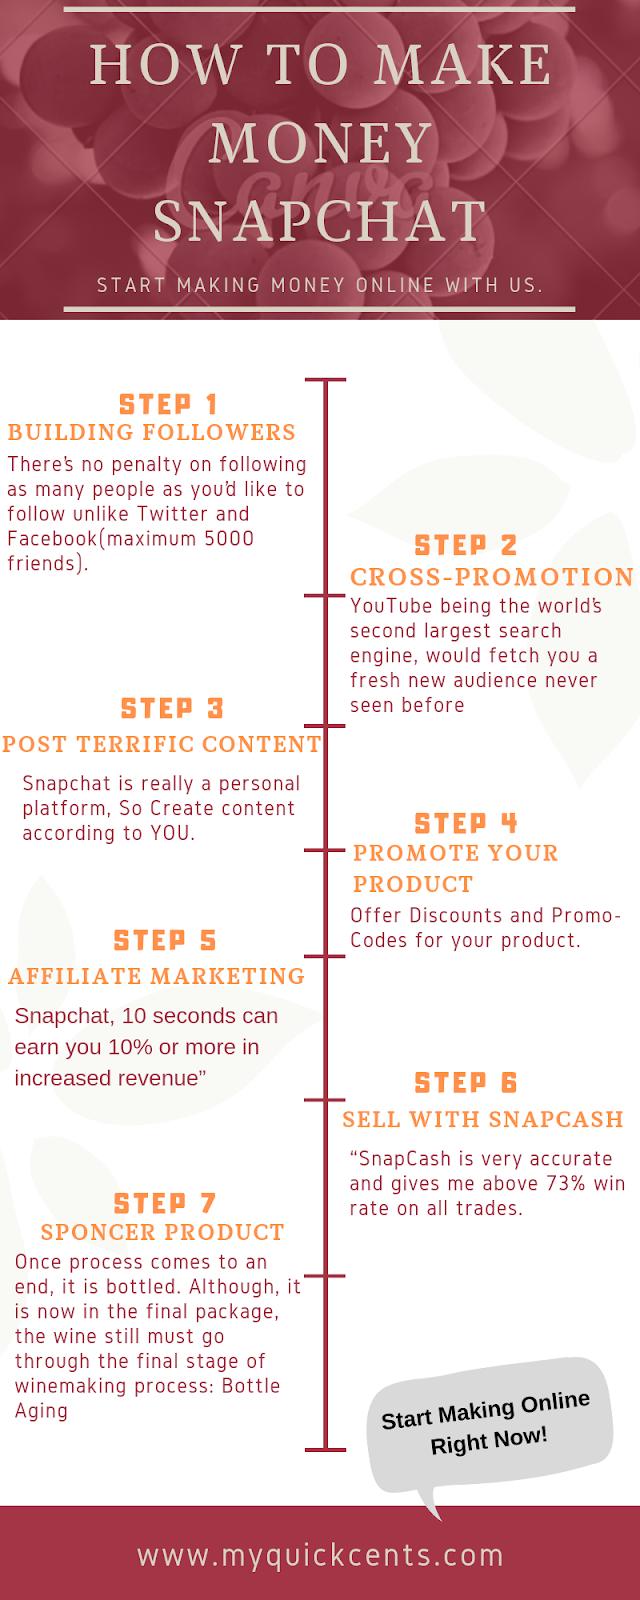 Make money from snapchat